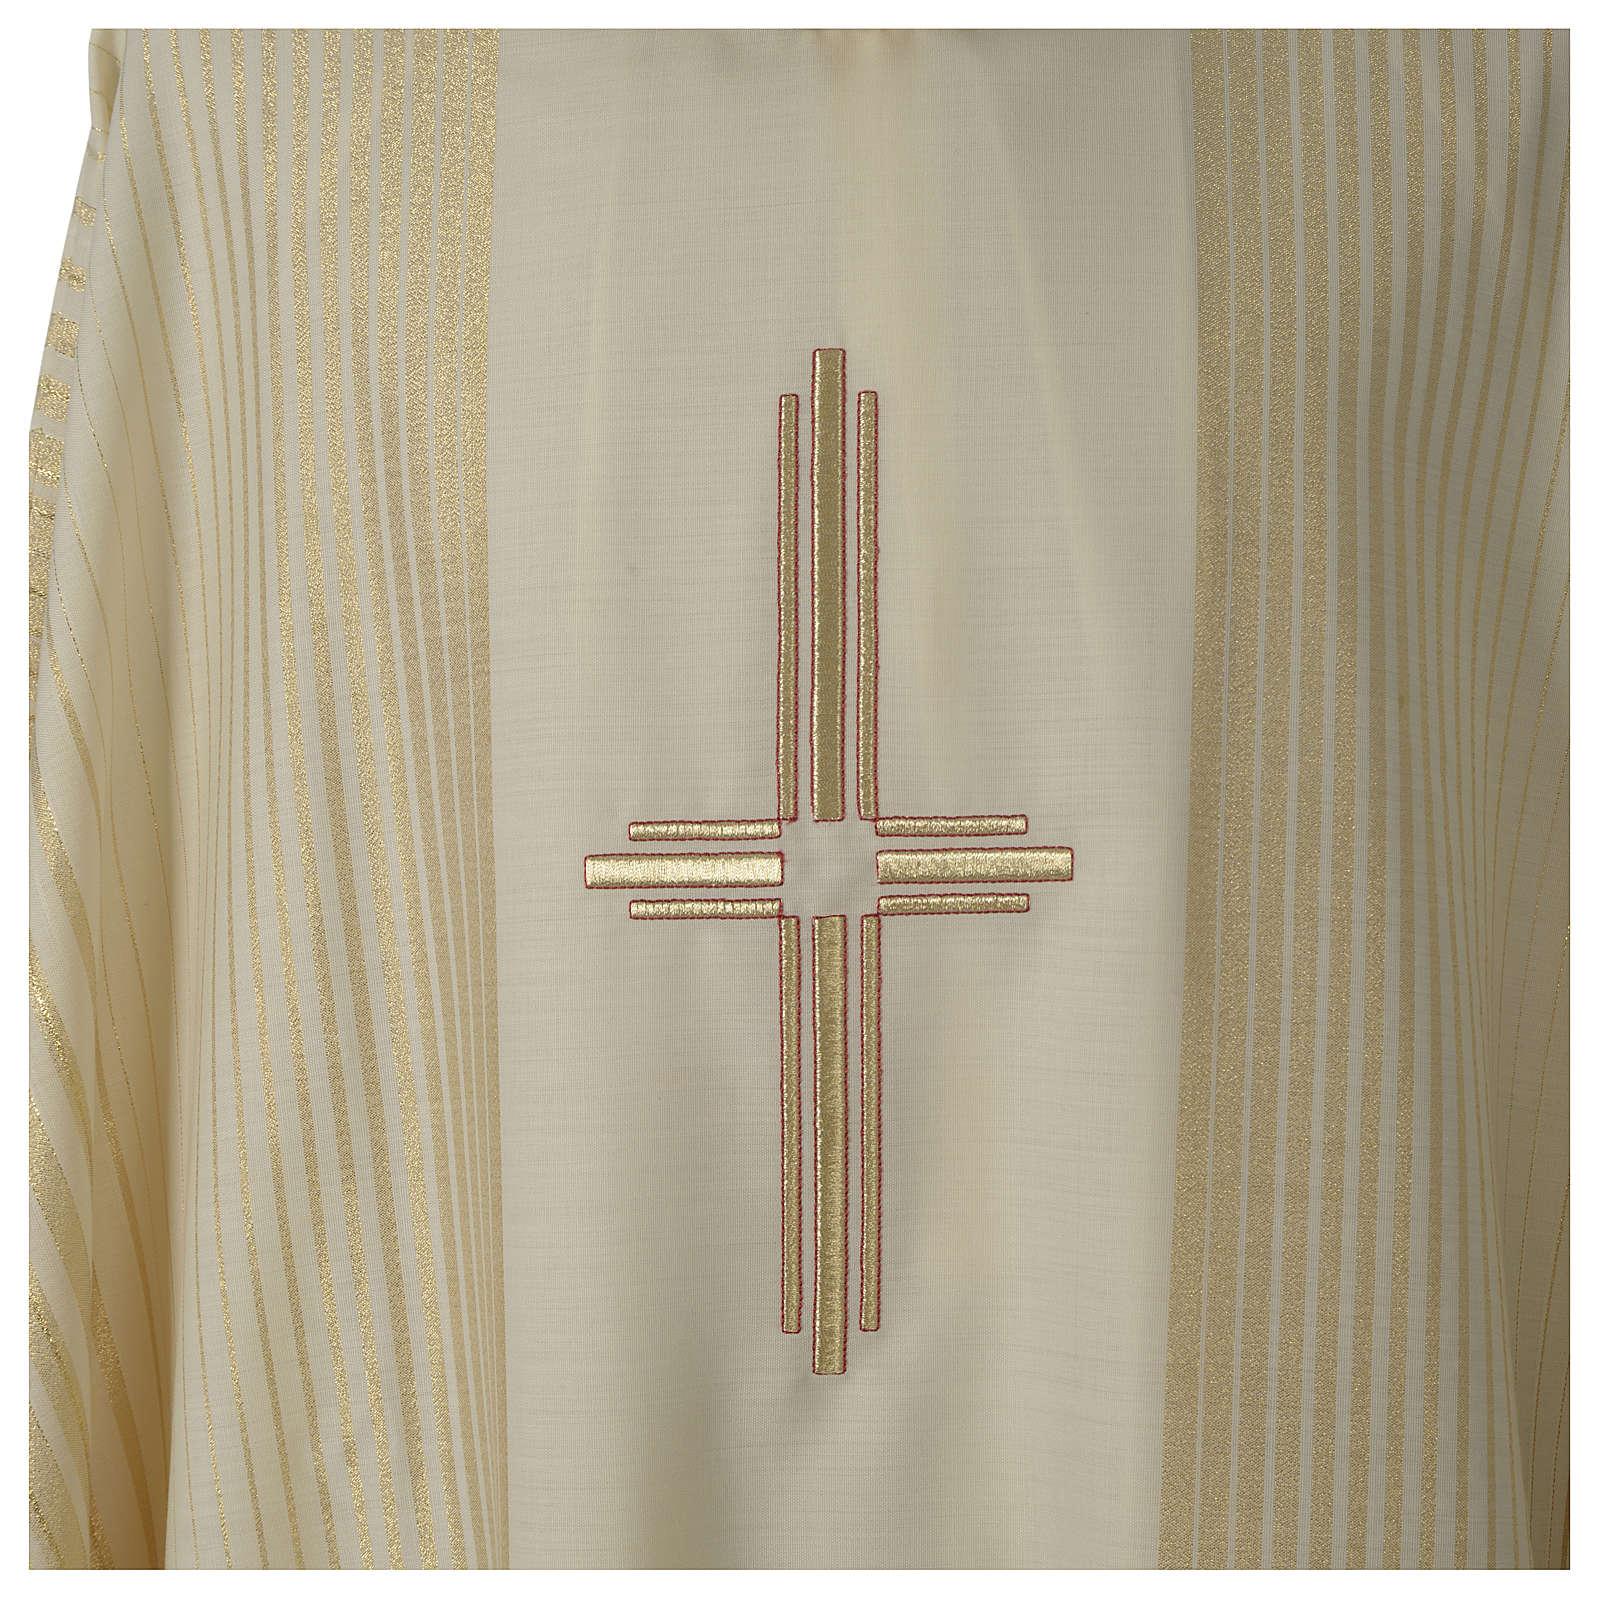 Kasel gesteifte Wolle und Lurex mit Kreuz 4